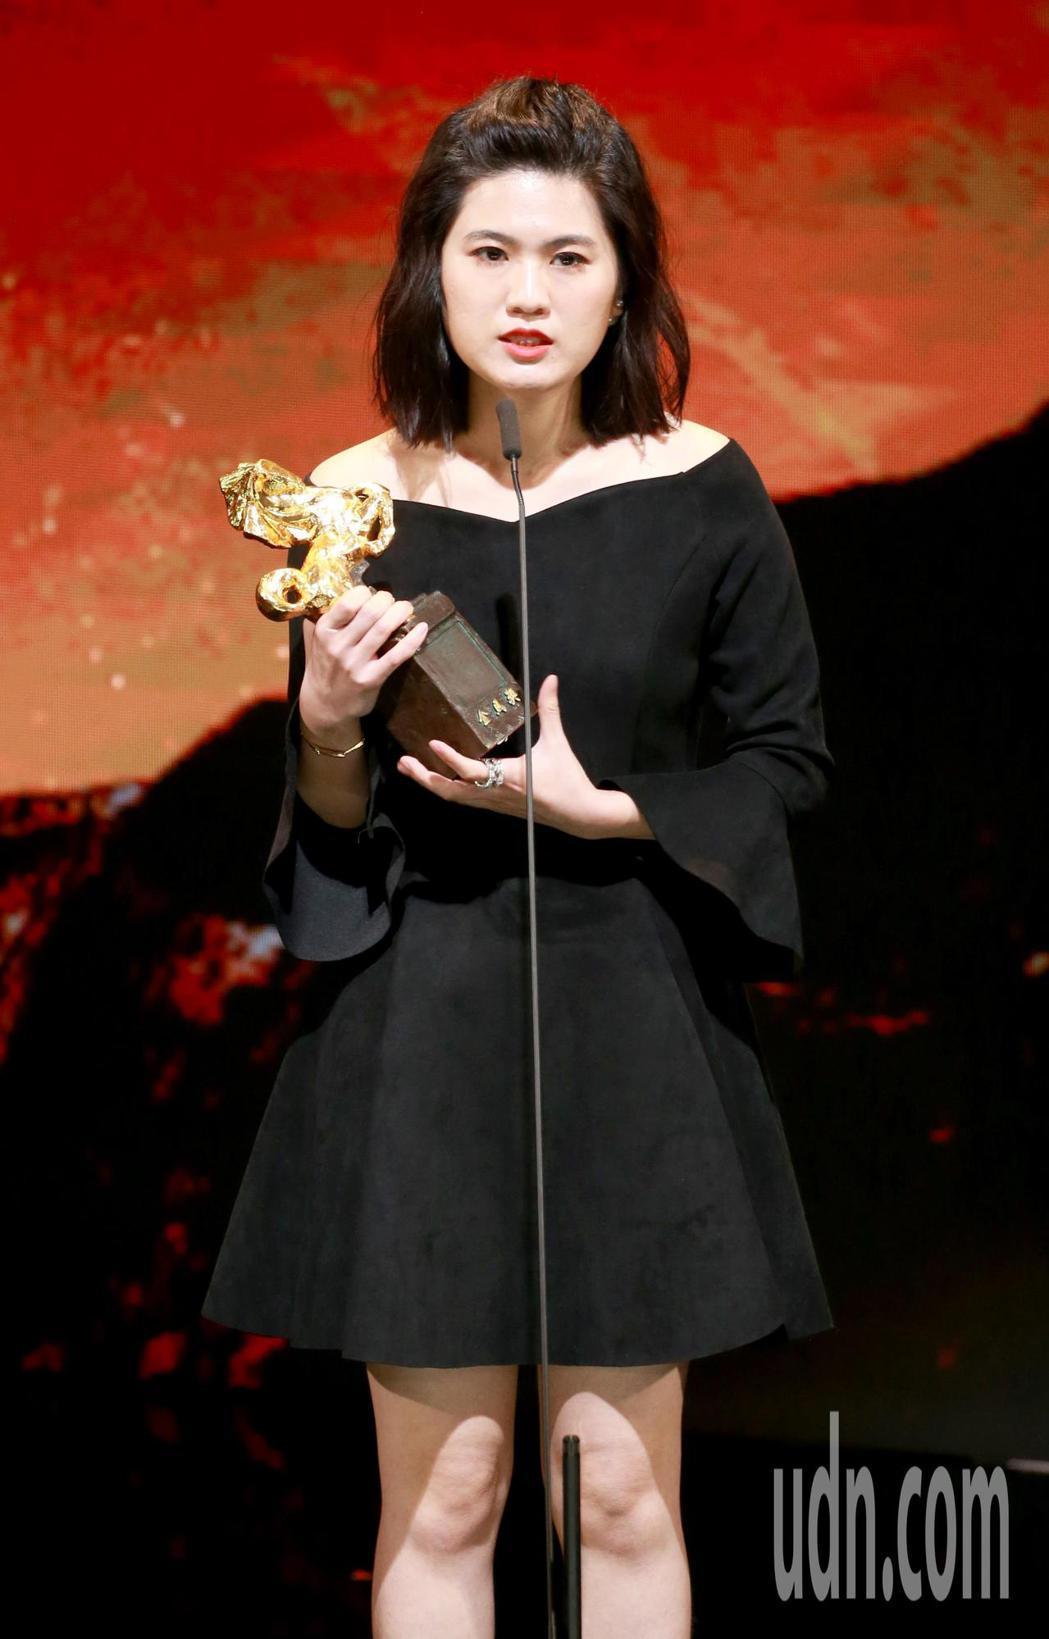 第56屆金馬獎頒獎典禮,香港導演朱凱濙以紅棗薏米花生獲得最佳劇情短片獎。記者林伯